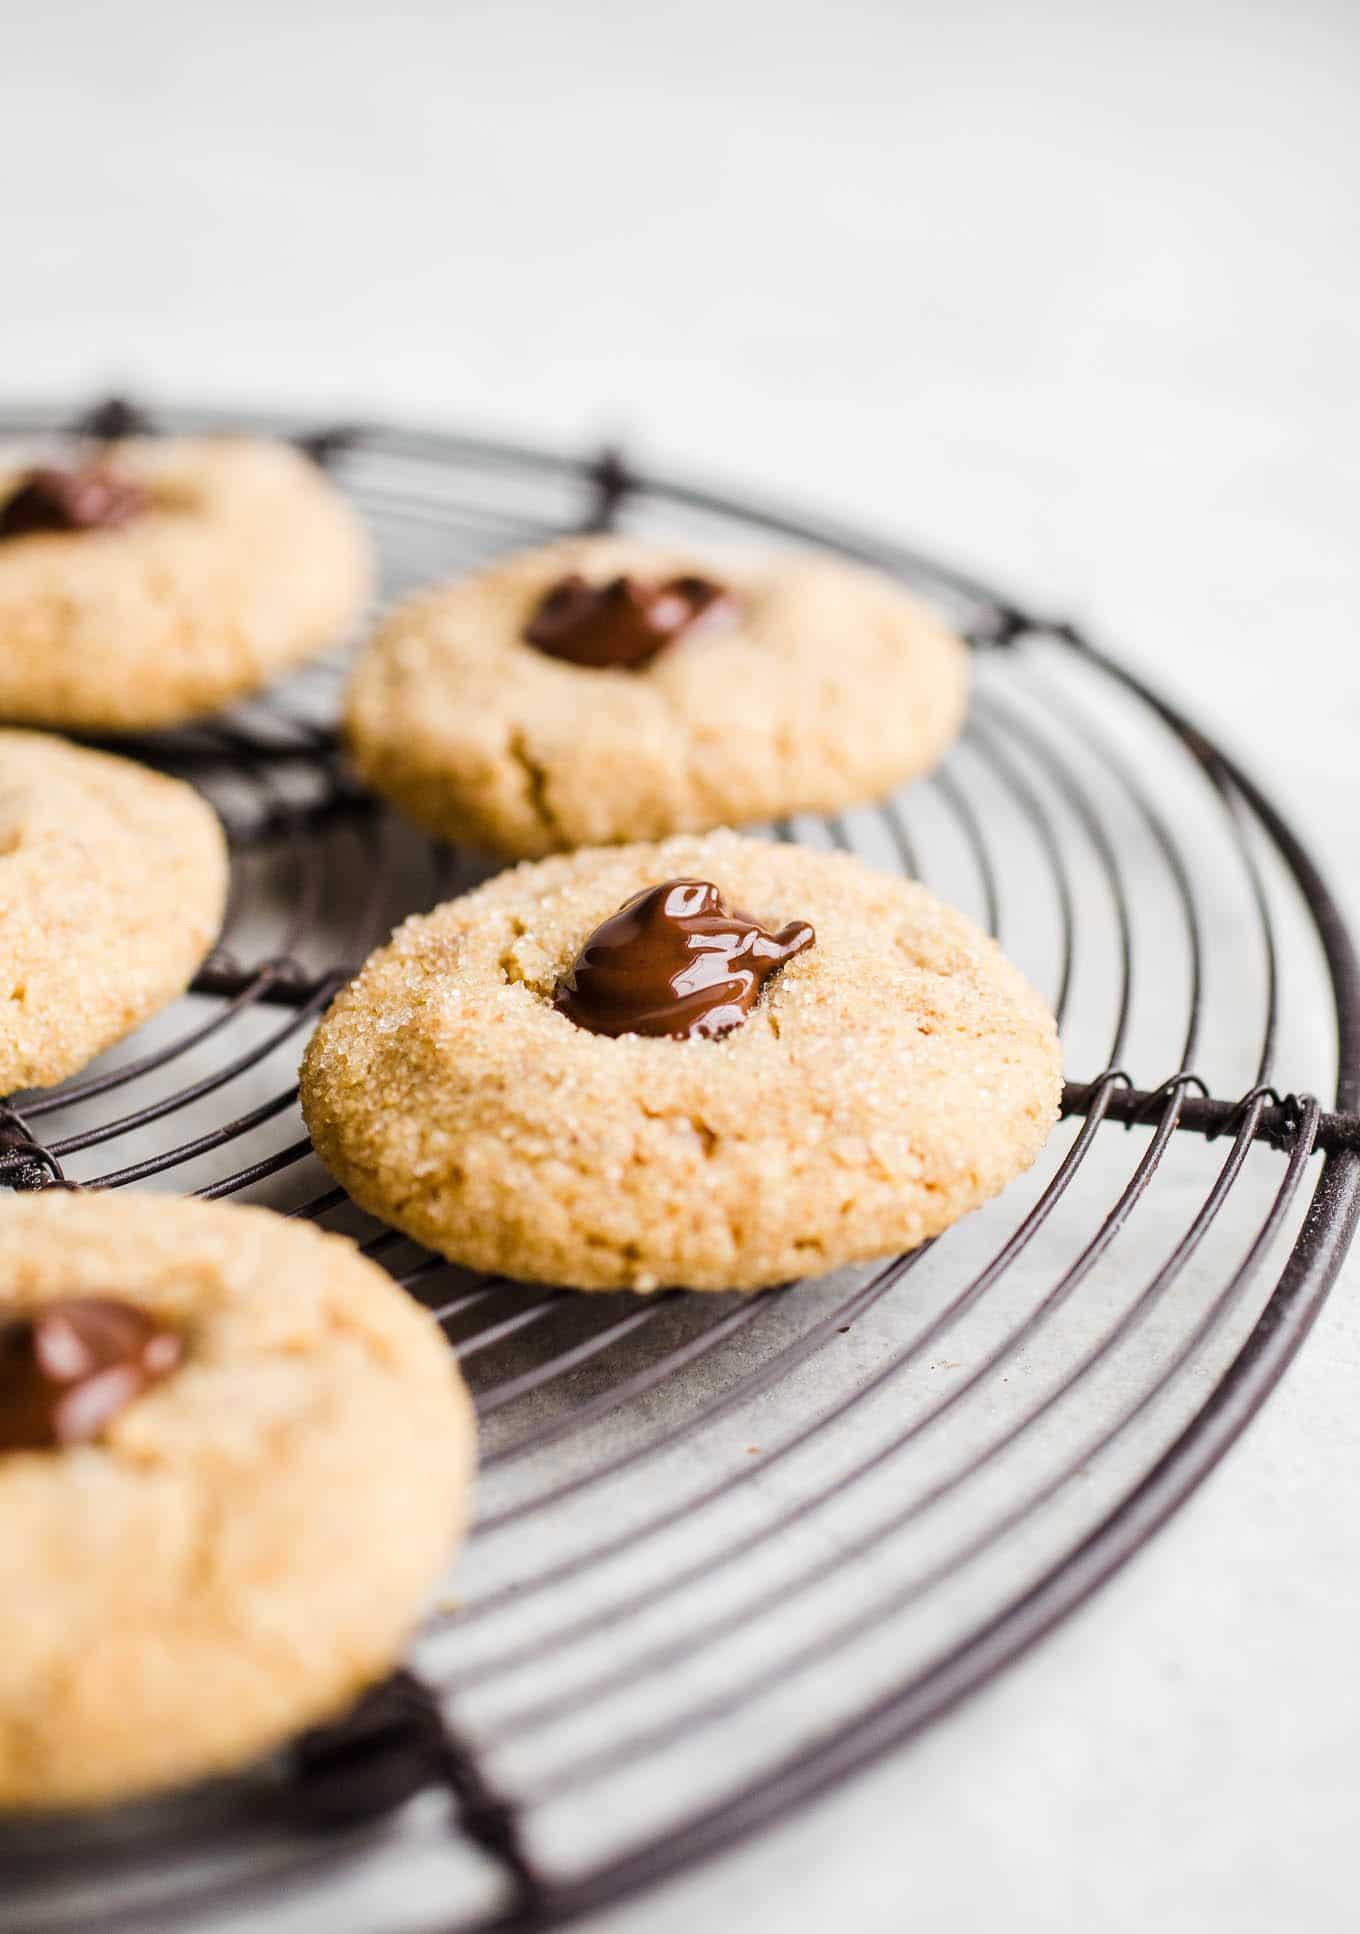 Gluten-Free Vegan Peanut Butter Blossoms